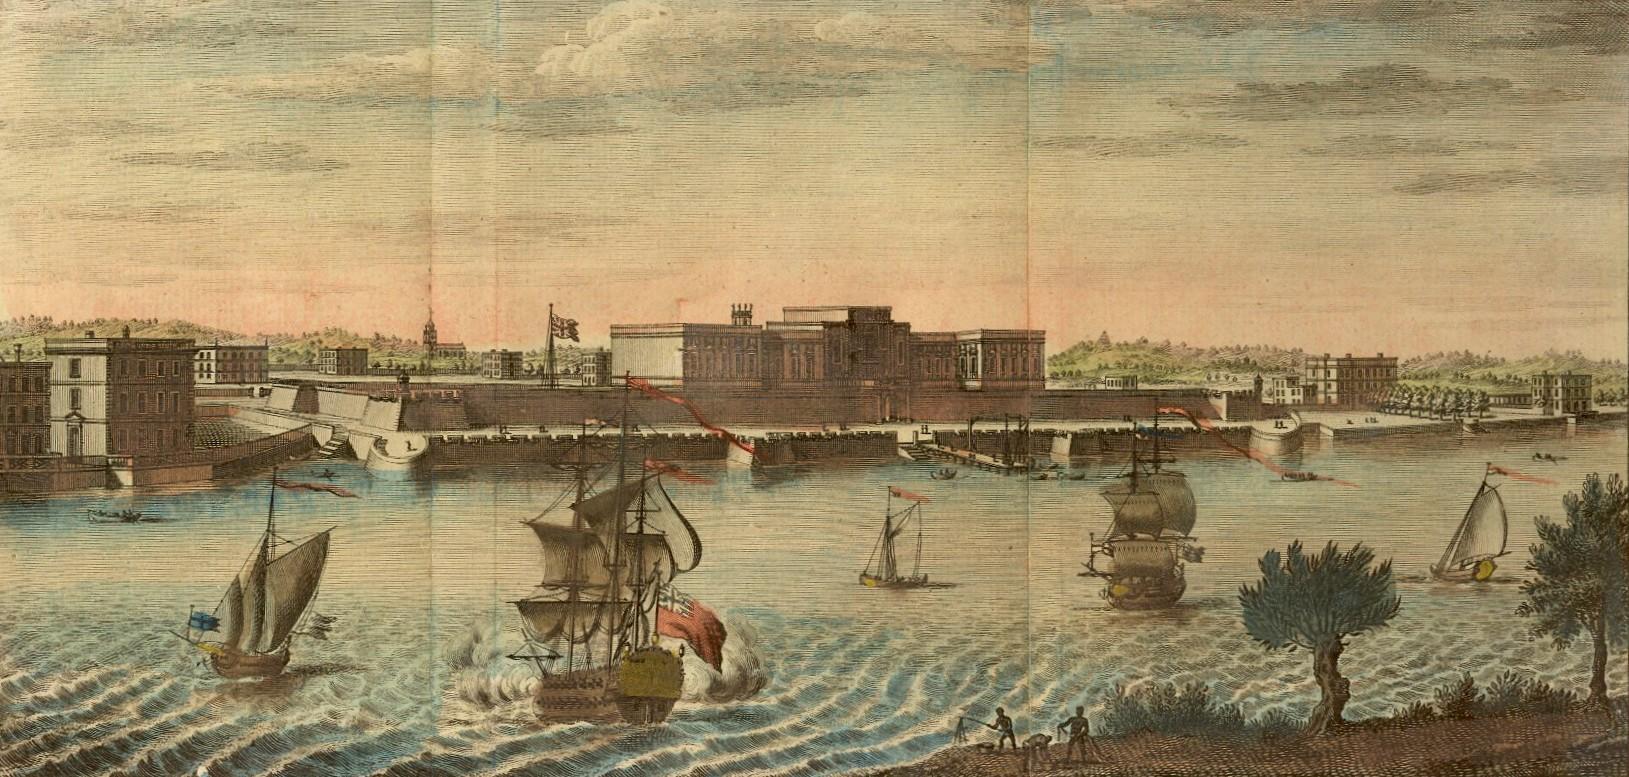 Fort_William 1754